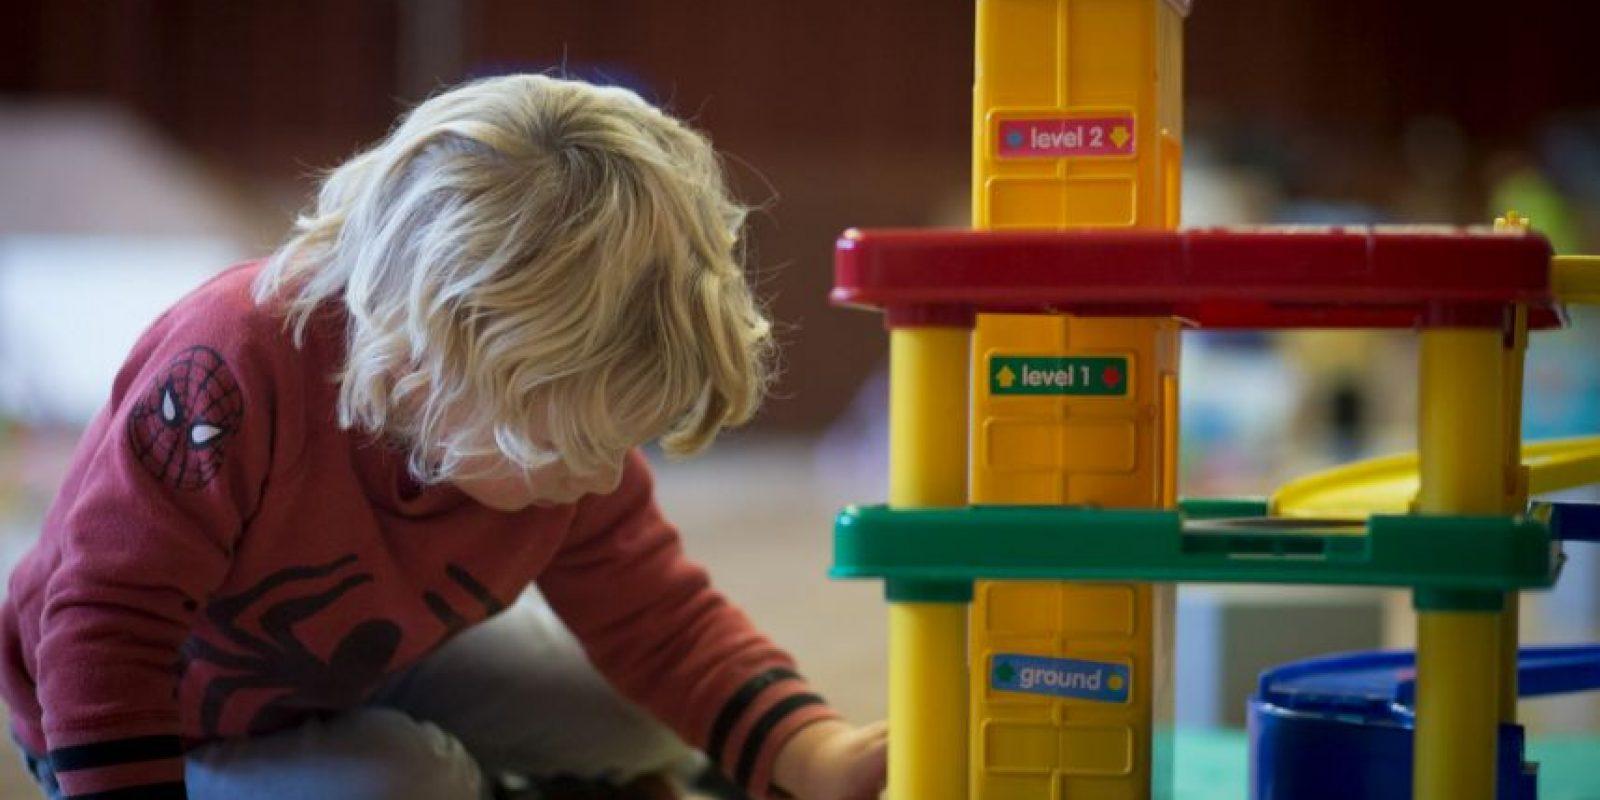 94 por ciento de los alumnos británicos blancos estudian en escuelas de gente blanca. Foto:Getty Images